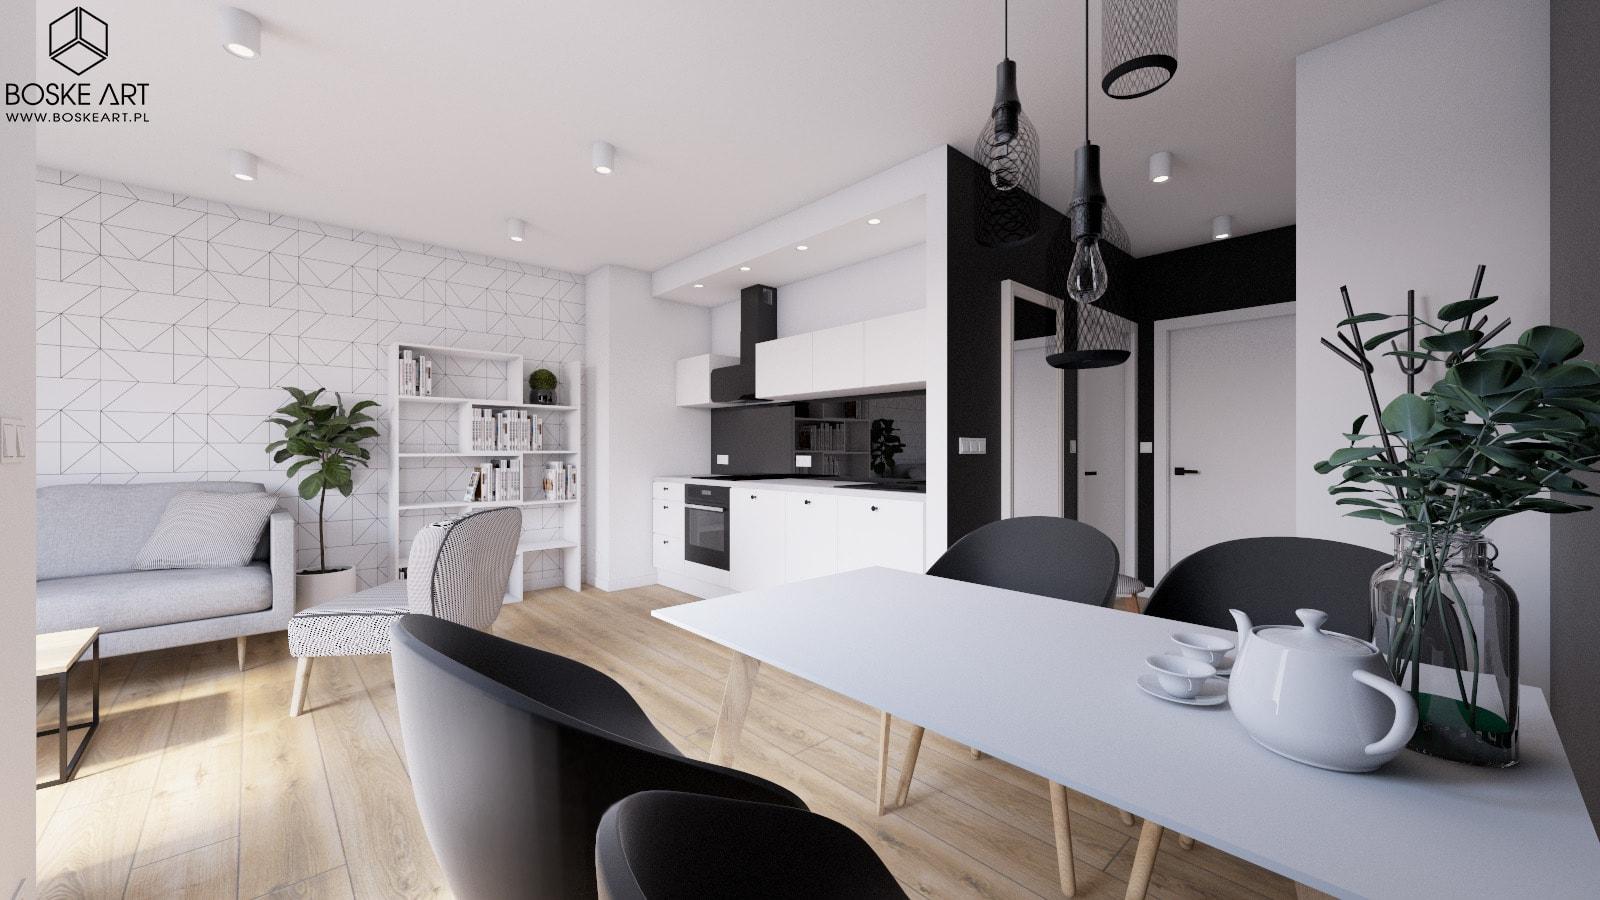 3_projekt_apartamentu_kawalerki_poznan_boske_art_projektowanie_wnetrz_aranzacja_natalia_robaszkiewicz-min